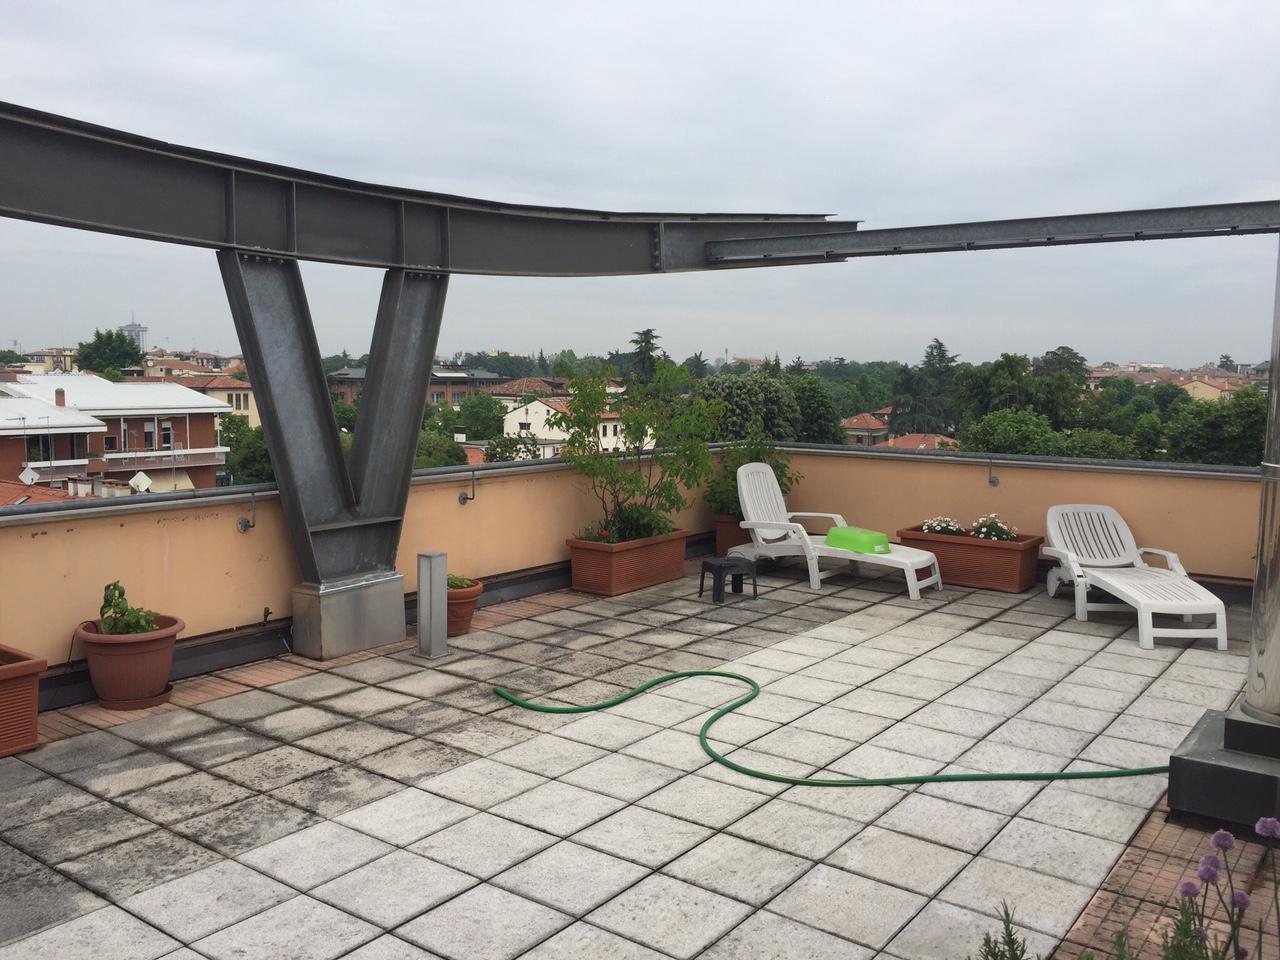 Attico / Mansarda in vendita a Treviso, 5 locali, zona Località: FuoriMura, Trattative riservate | CambioCasa.it